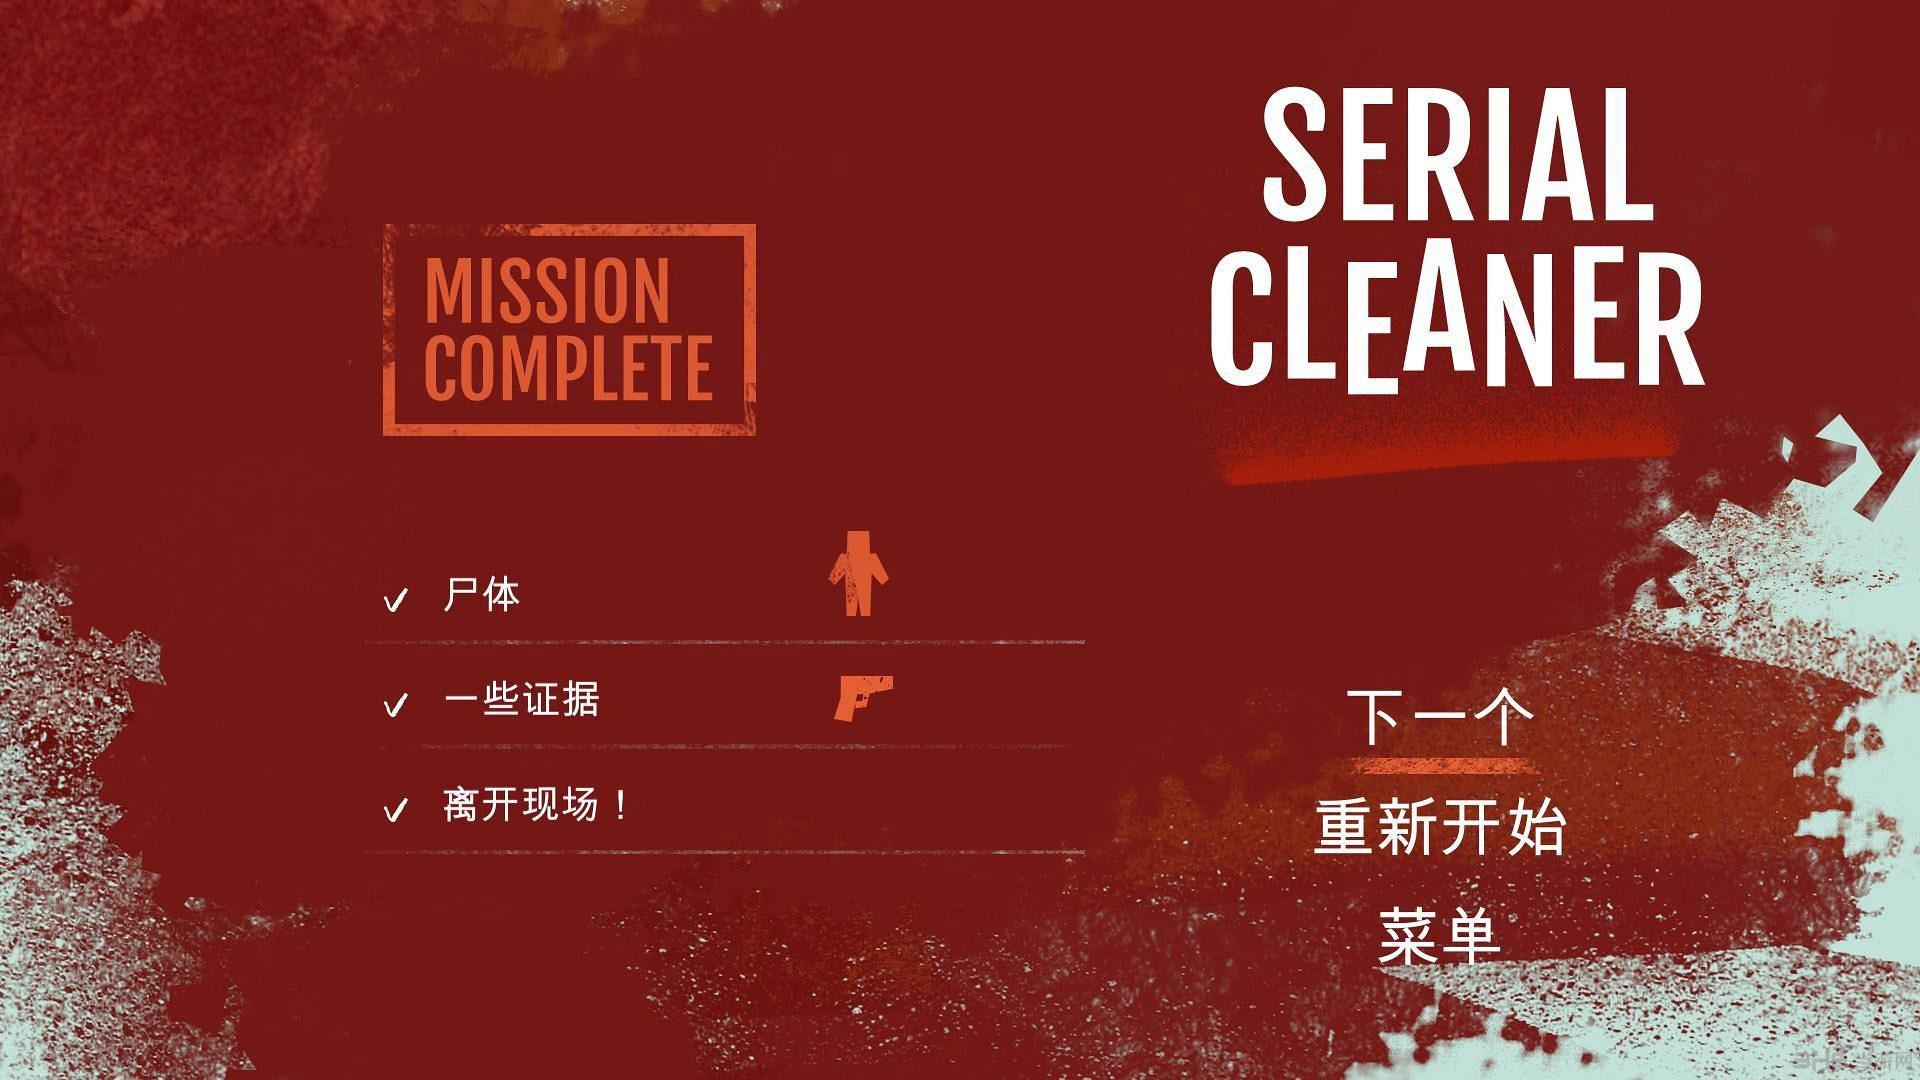 连环清洁工简体中文汉化补丁截图2